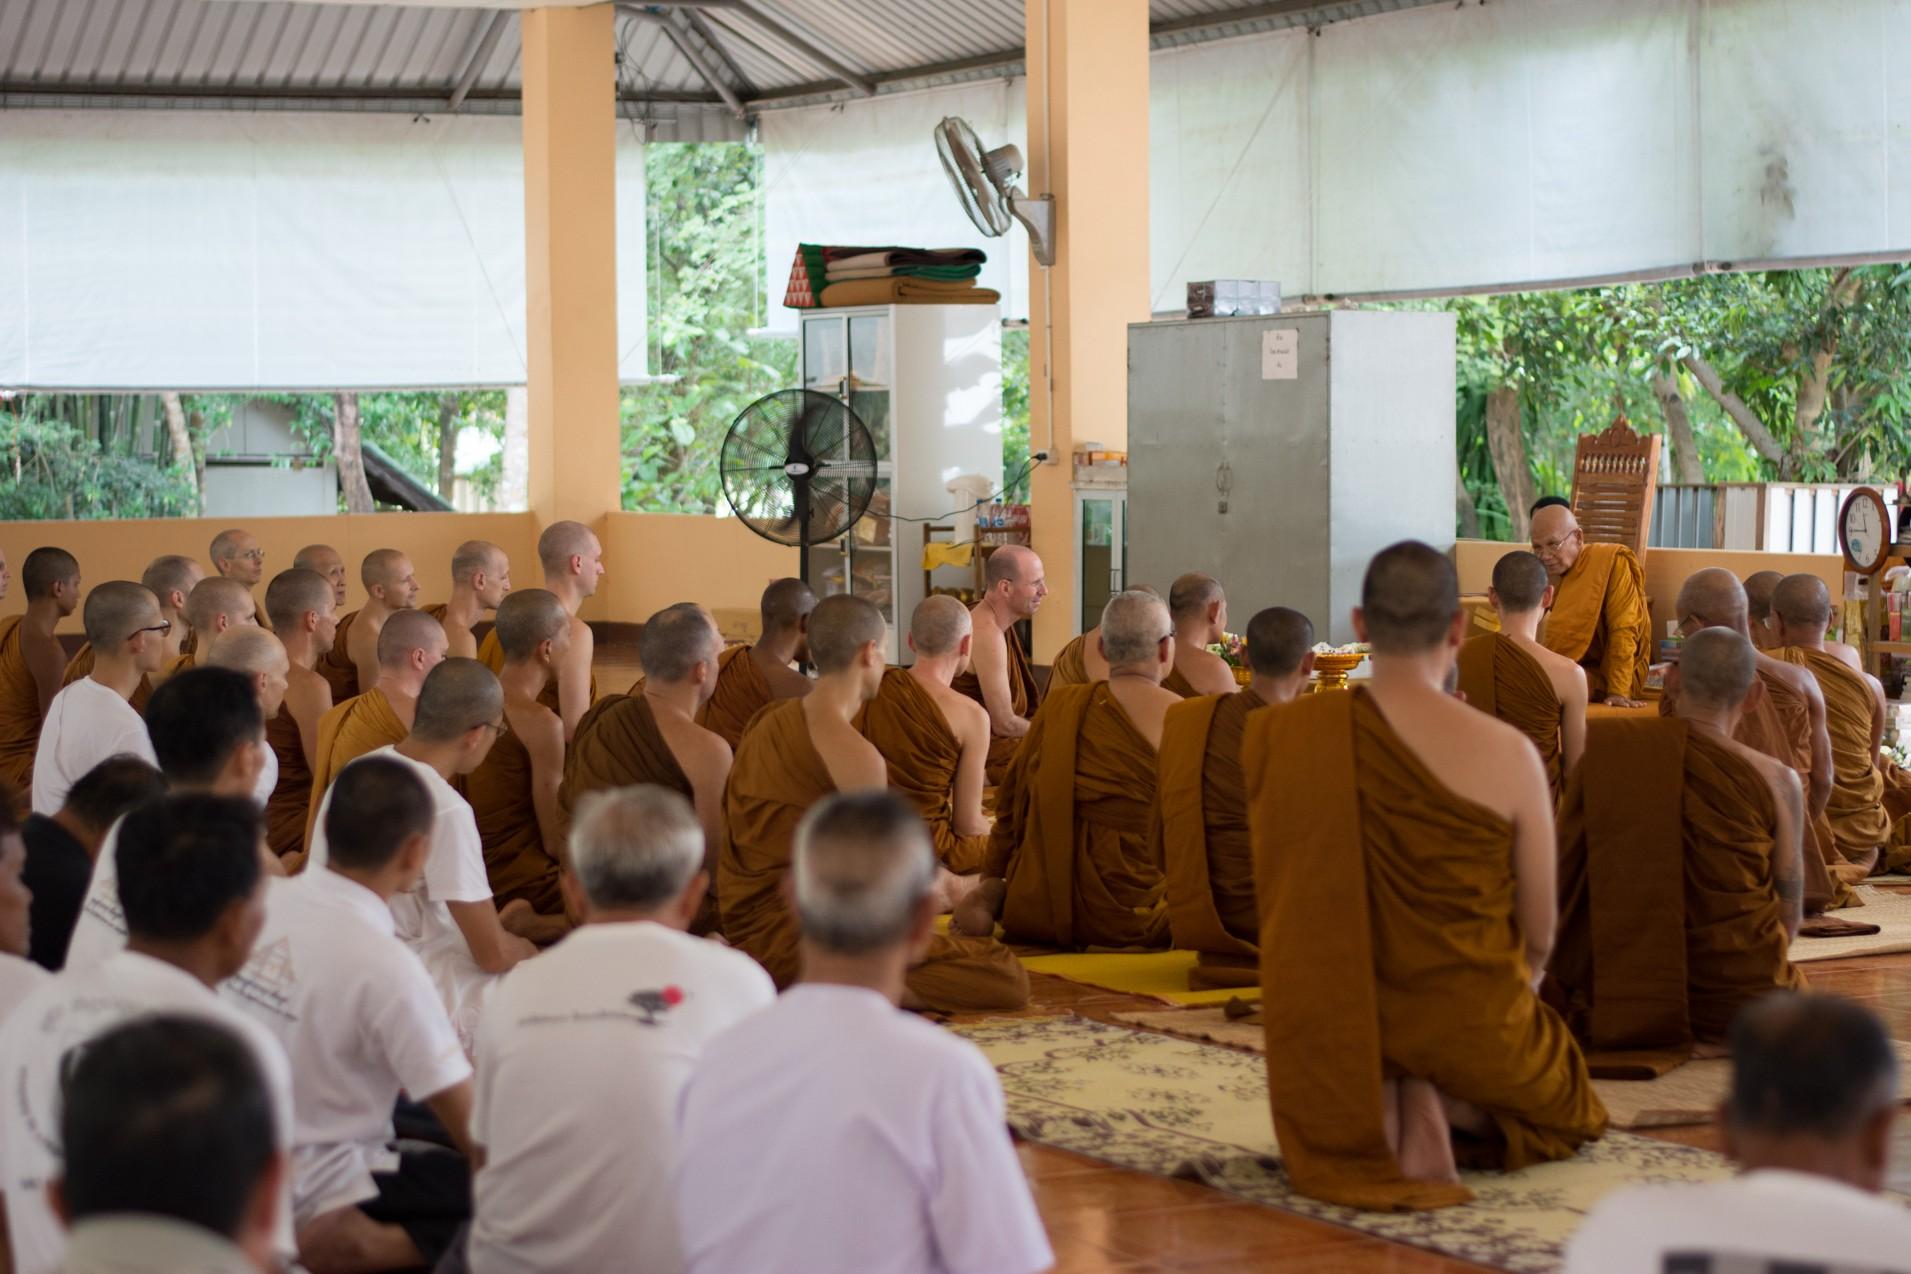 Wat Pah Sirimongkon (Luang Poo See Sirinyano)